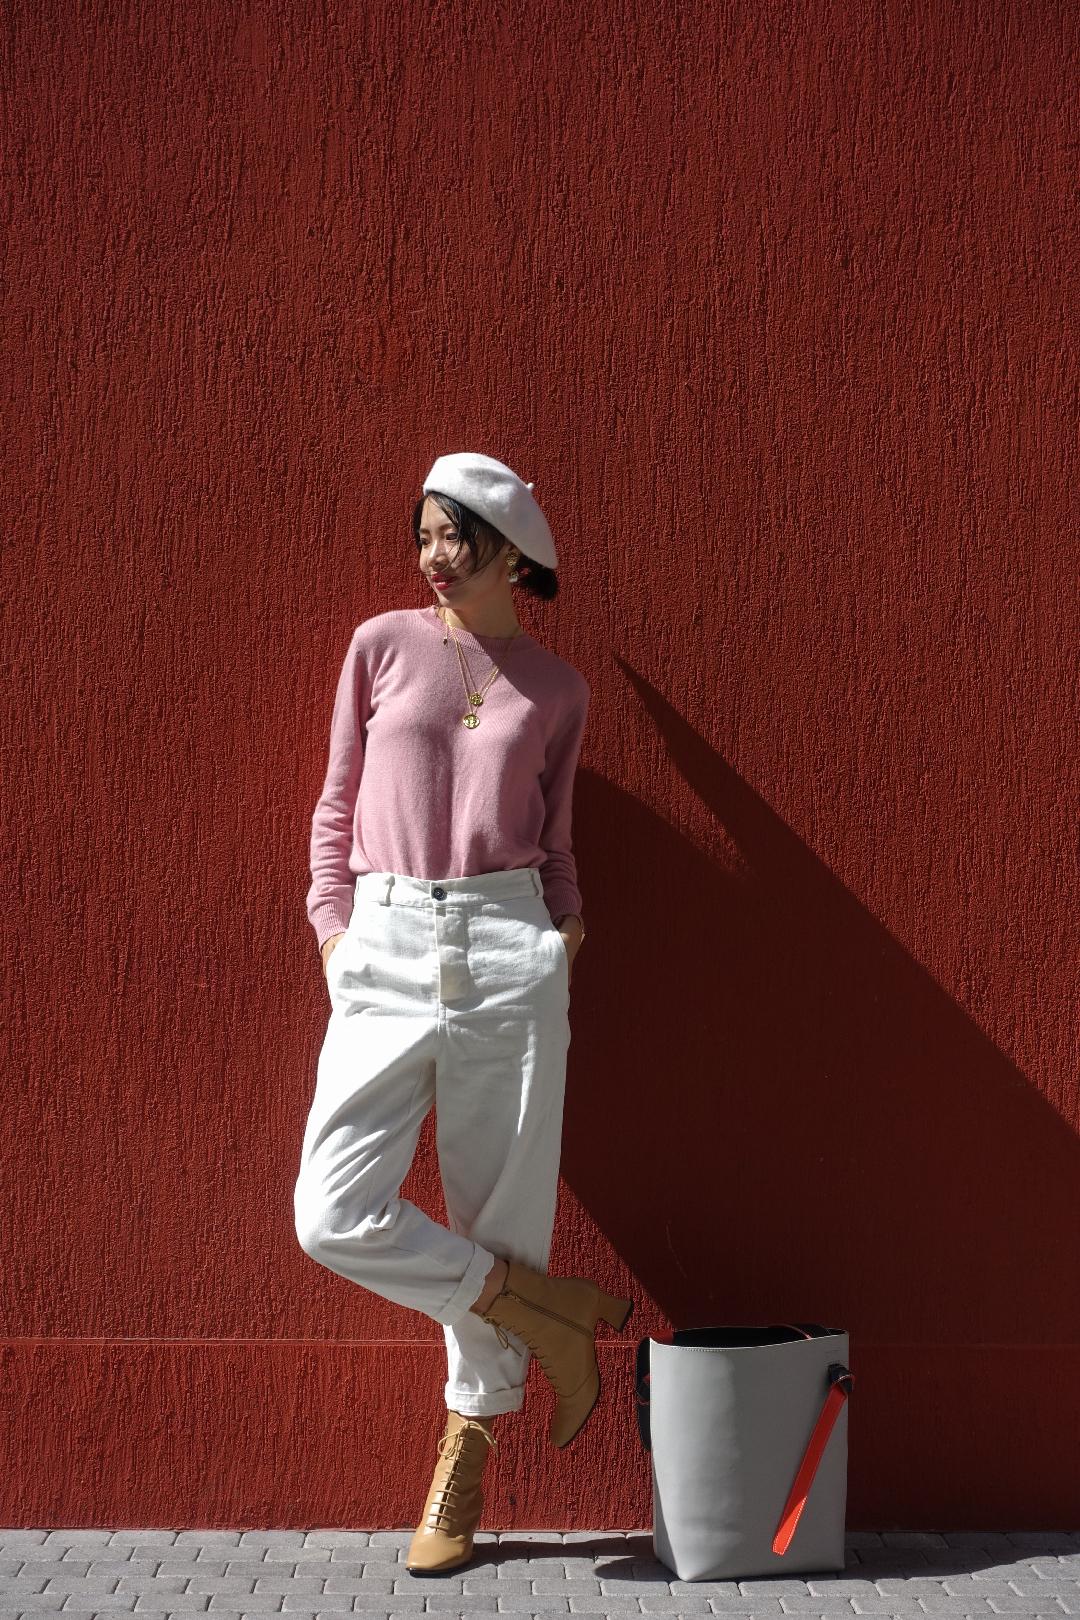 #我的十秒出街造型# 大部分女孩子都无法拒绝温柔的粉色吧?寒冷的冬日一定要来一件柔软舒适的粉色的针织衫来温暖自己! 而粉色单品和白色单品搭配在一起,更是让人看起来清爽而不臃肿。这套look 我不仅搭配白色休闲裤,还特地选了一顶奶白色的贝雷帽!短靴和包包也是选择的浅色系,是不是看起来既温柔又舒服~